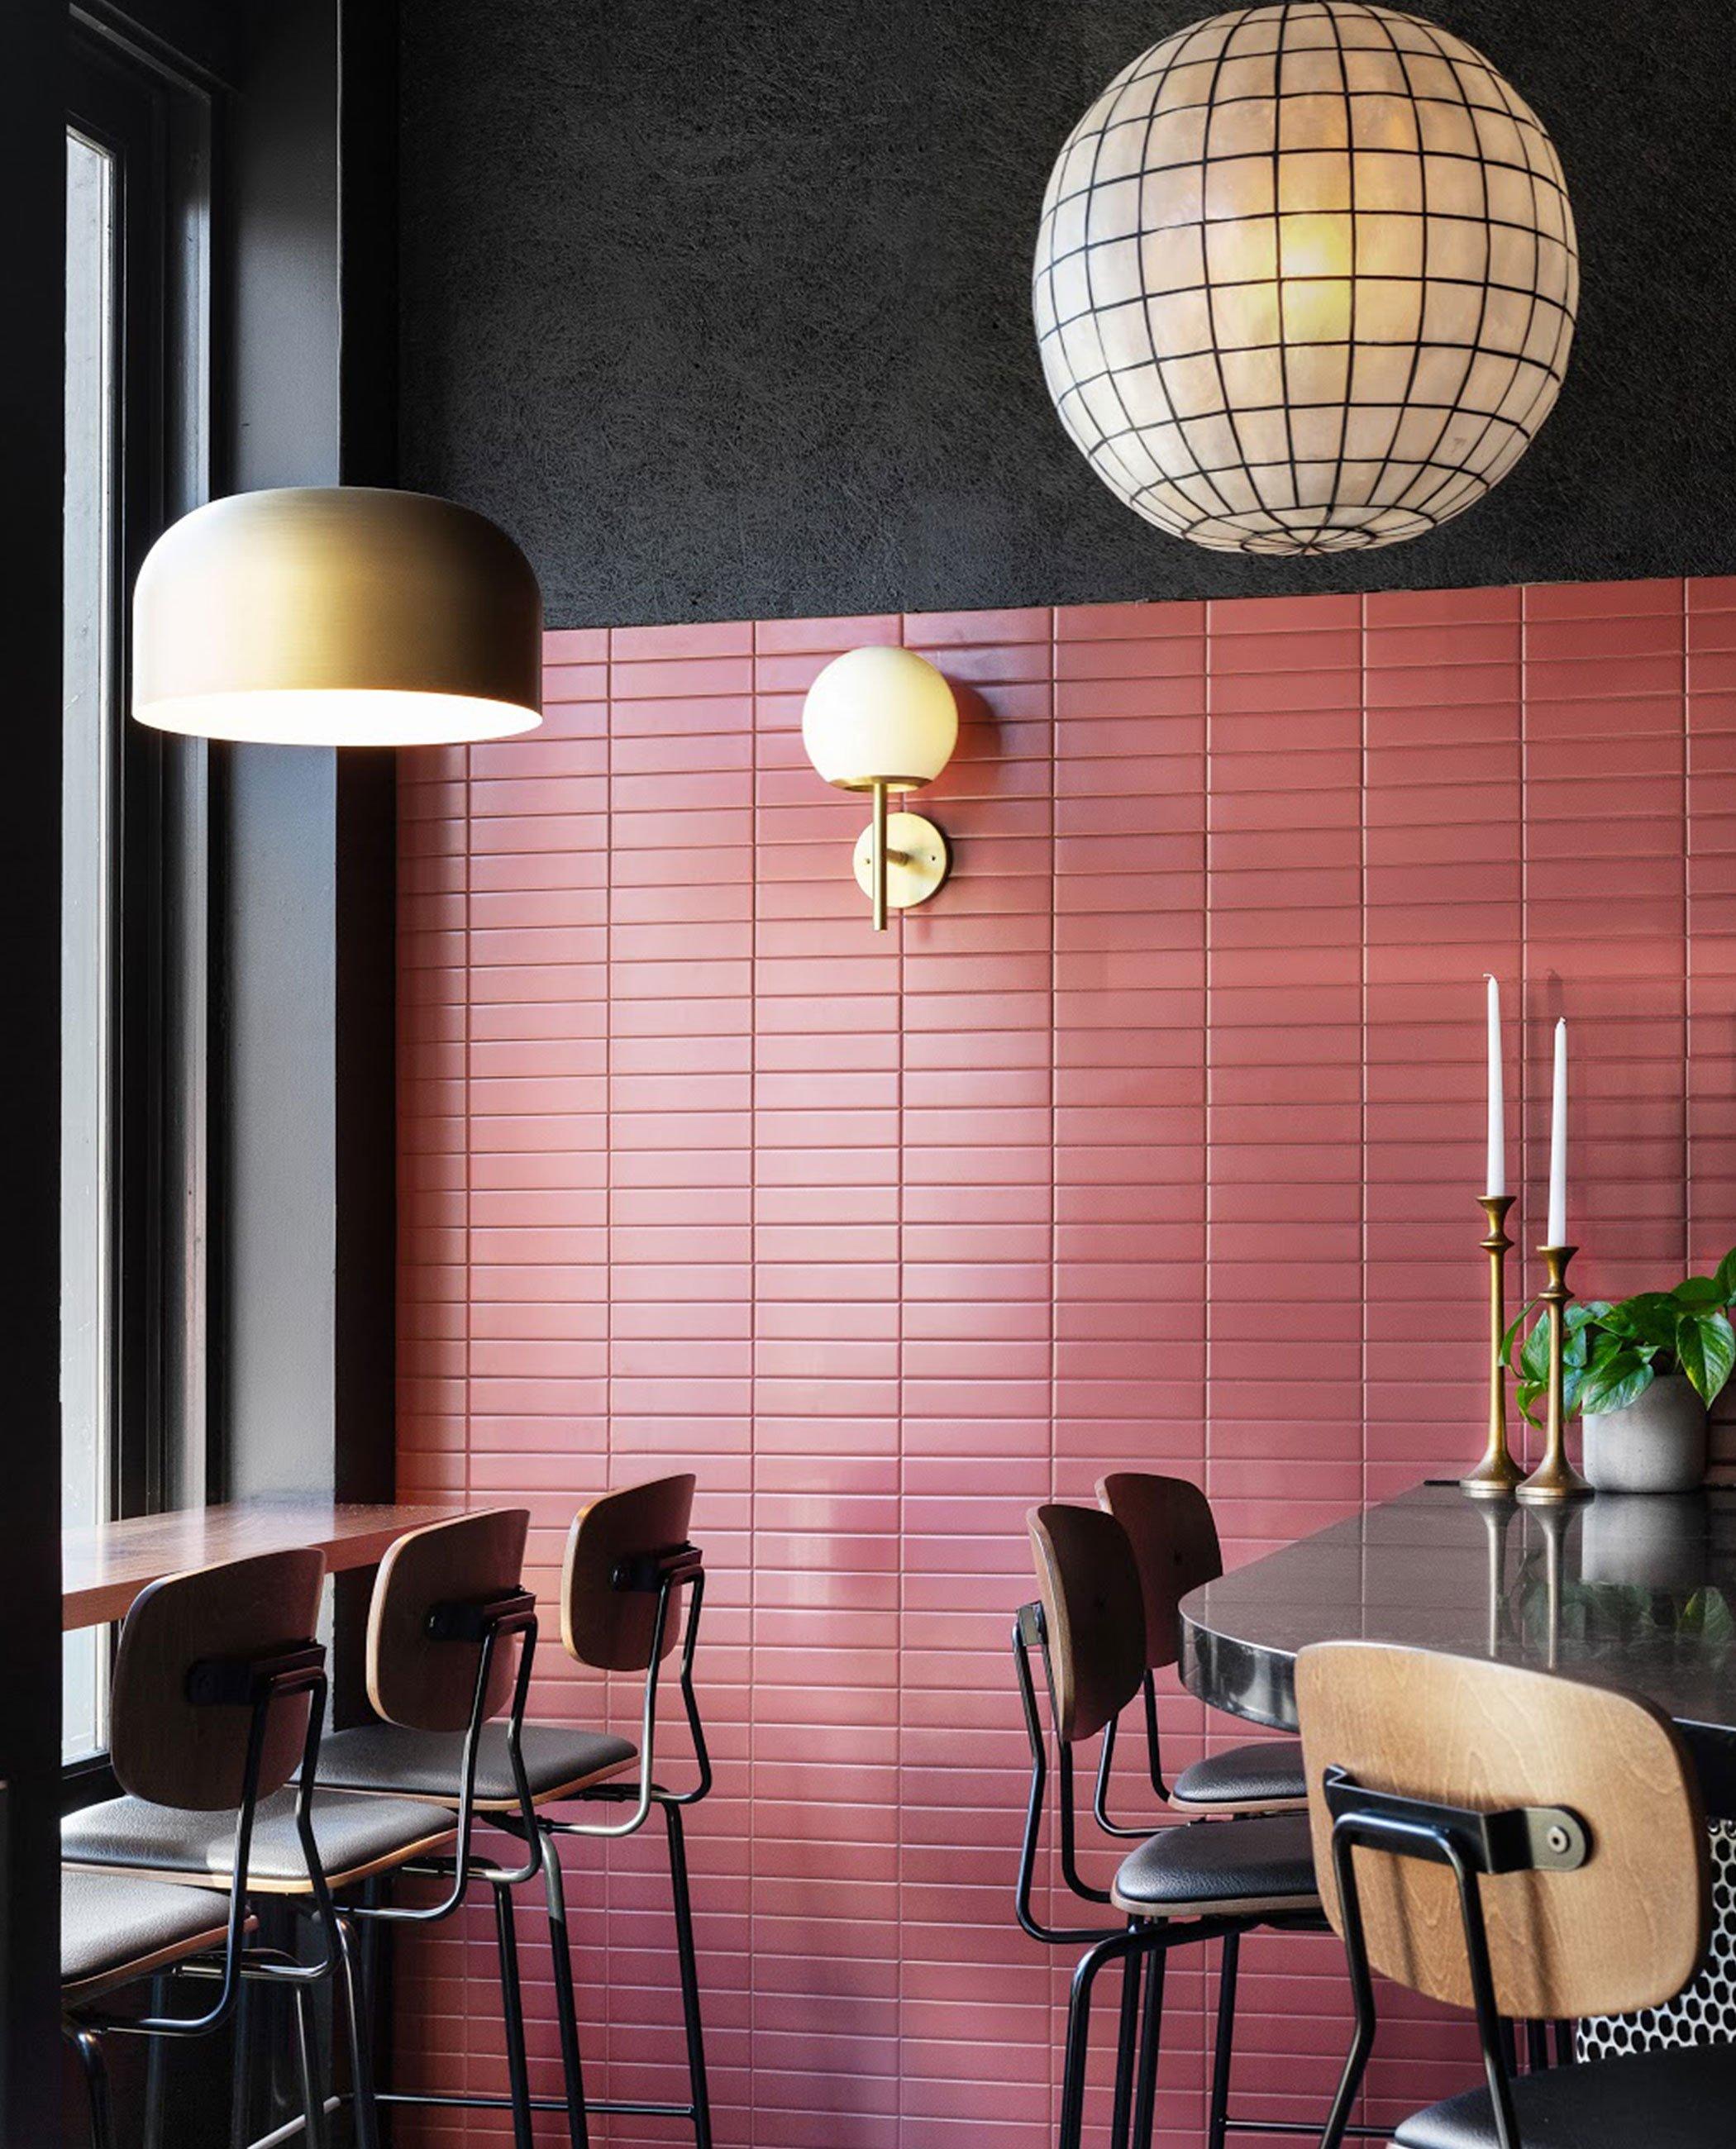 Reece-Barstools_Serafina_Italian-Restaurant-Design